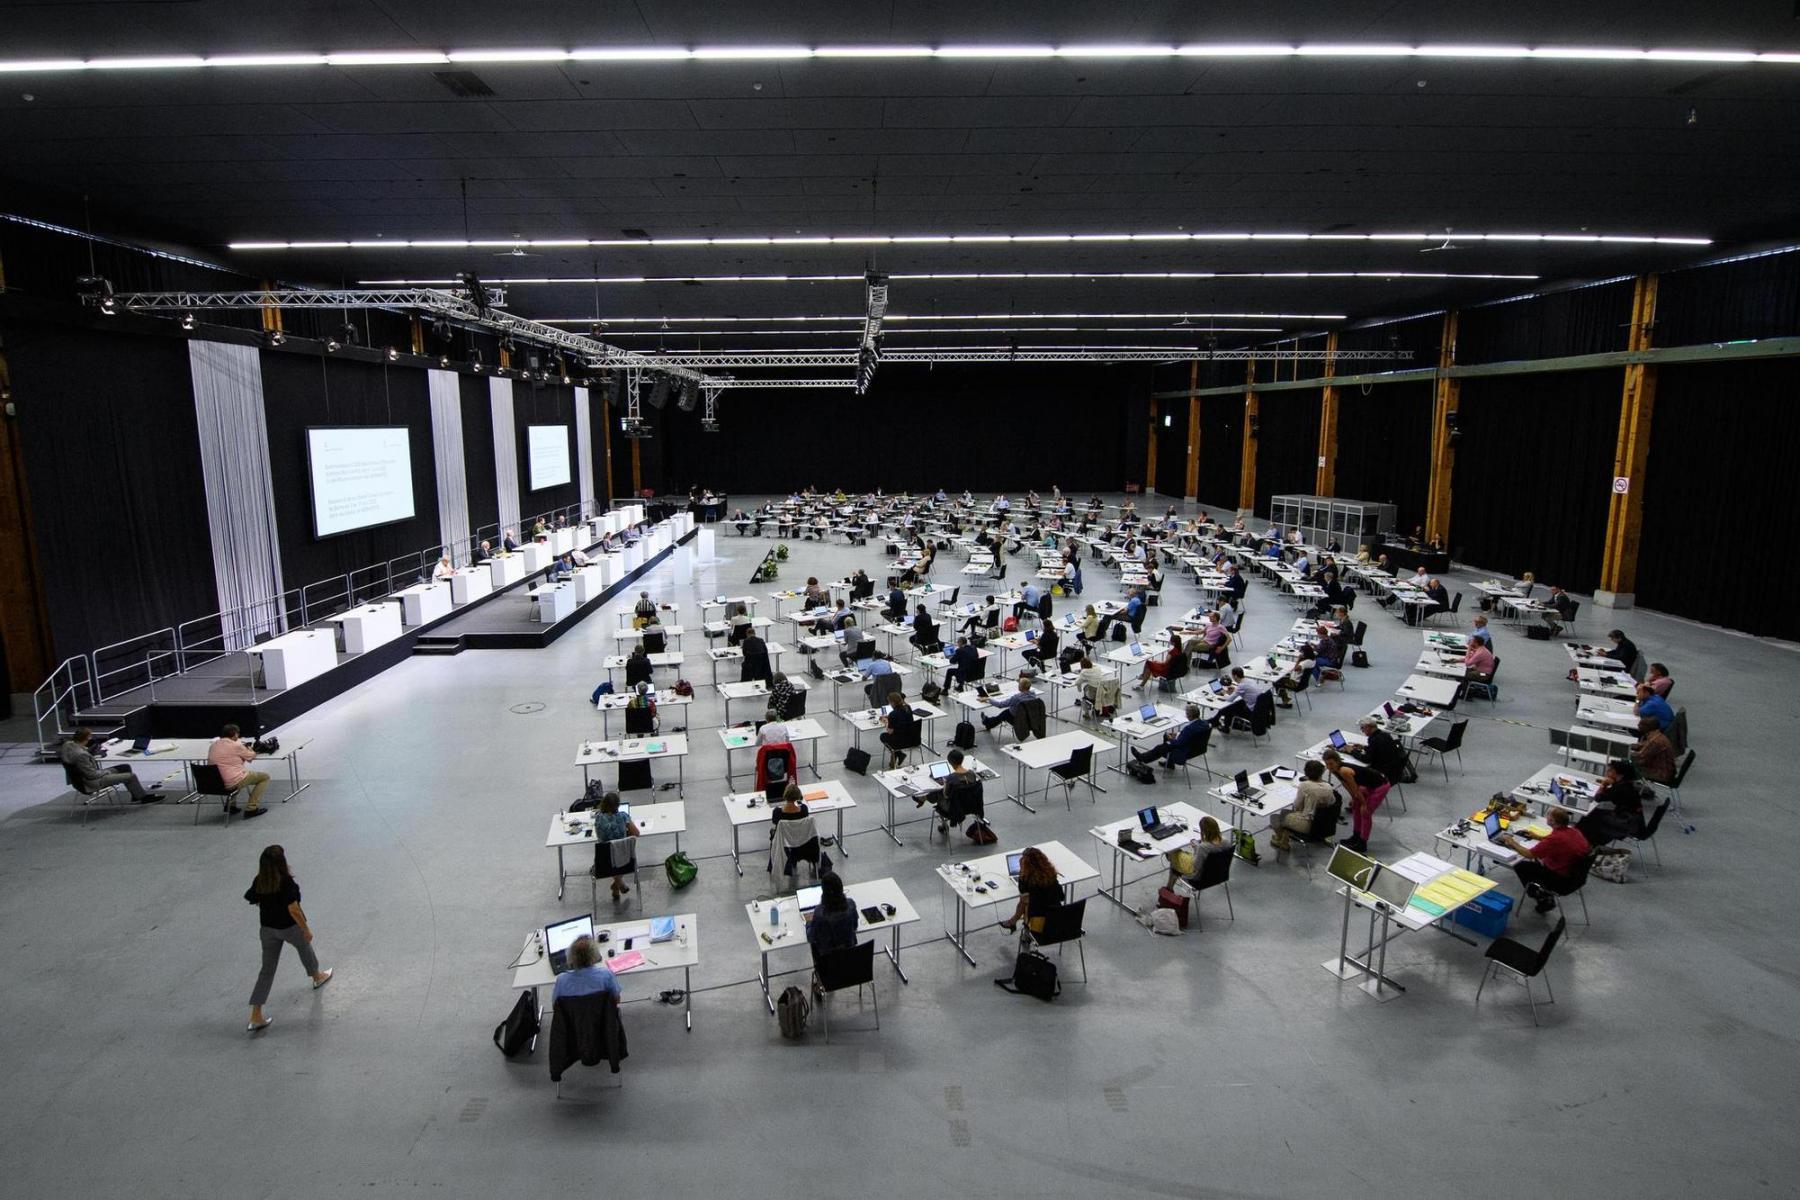 Mehr Raum: Sommersession des Grossen Rates des Kantons Bern am 2. Juni 2020, die wegen der Pandemie in der Festhalle der Bern Expo stattfand. Foto: Raphael Moser